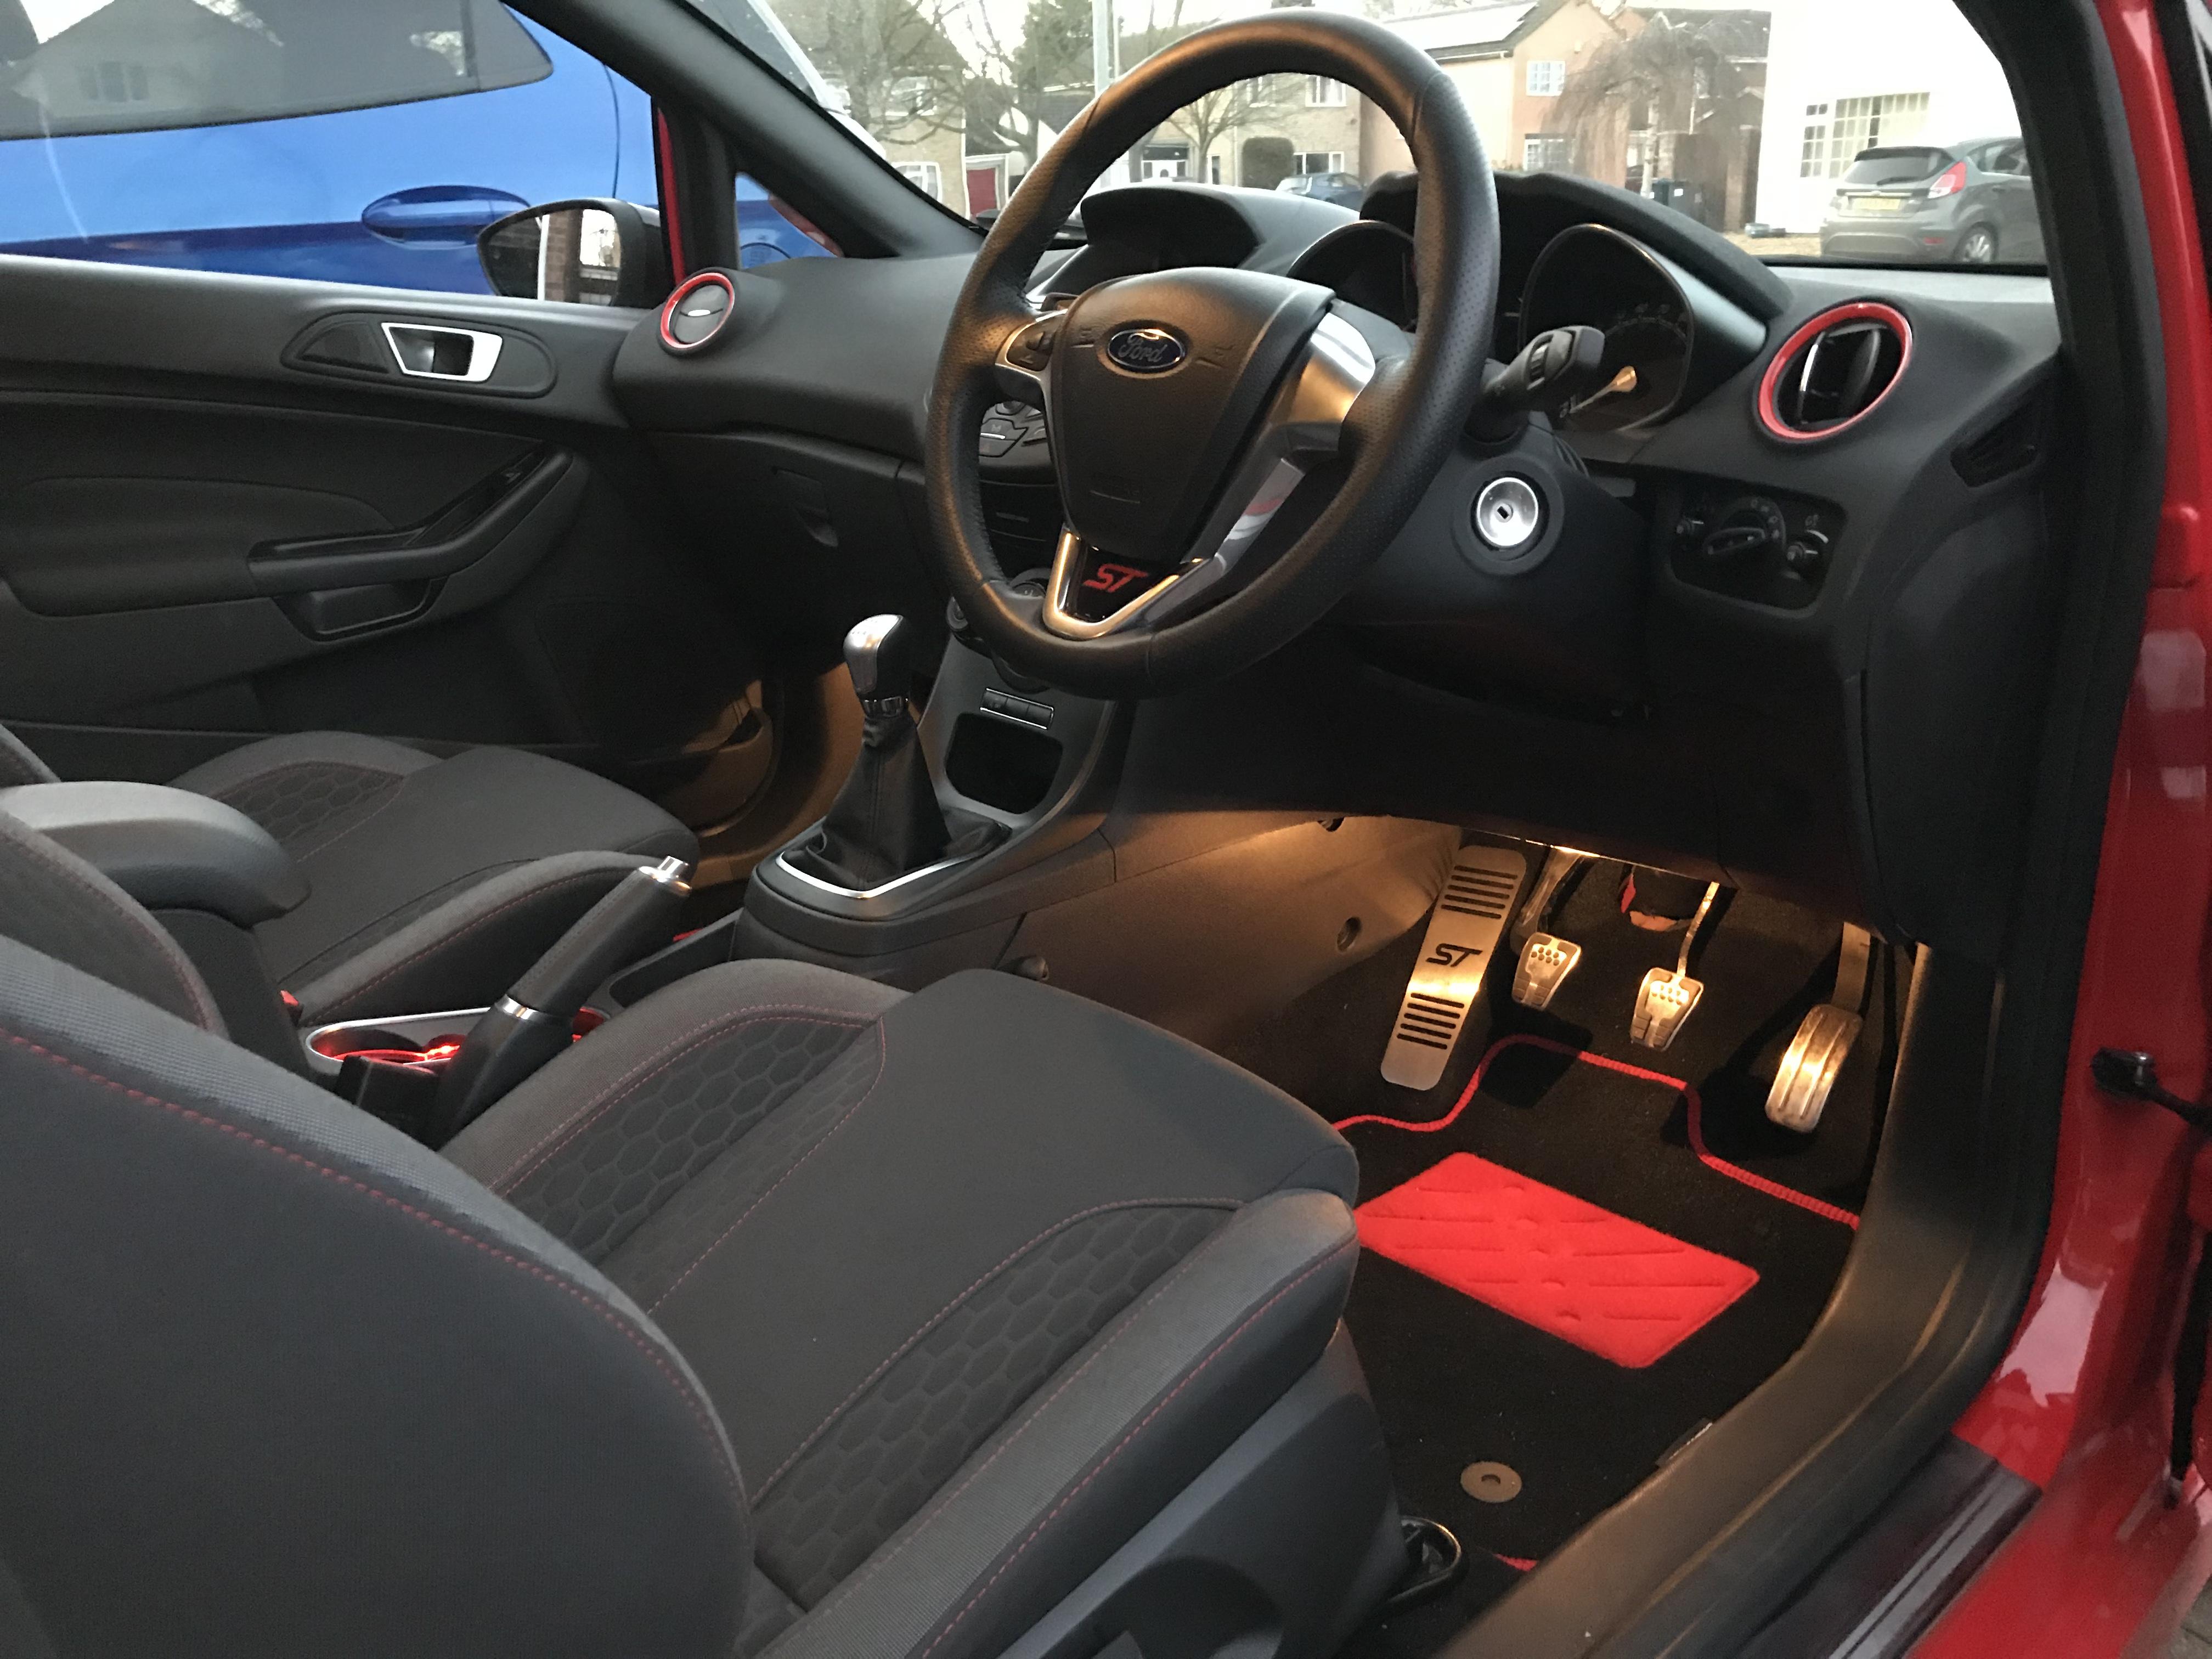 MK7 5 Fiesta ST-Line - Subtle Mods! - Ford Fiesta Club